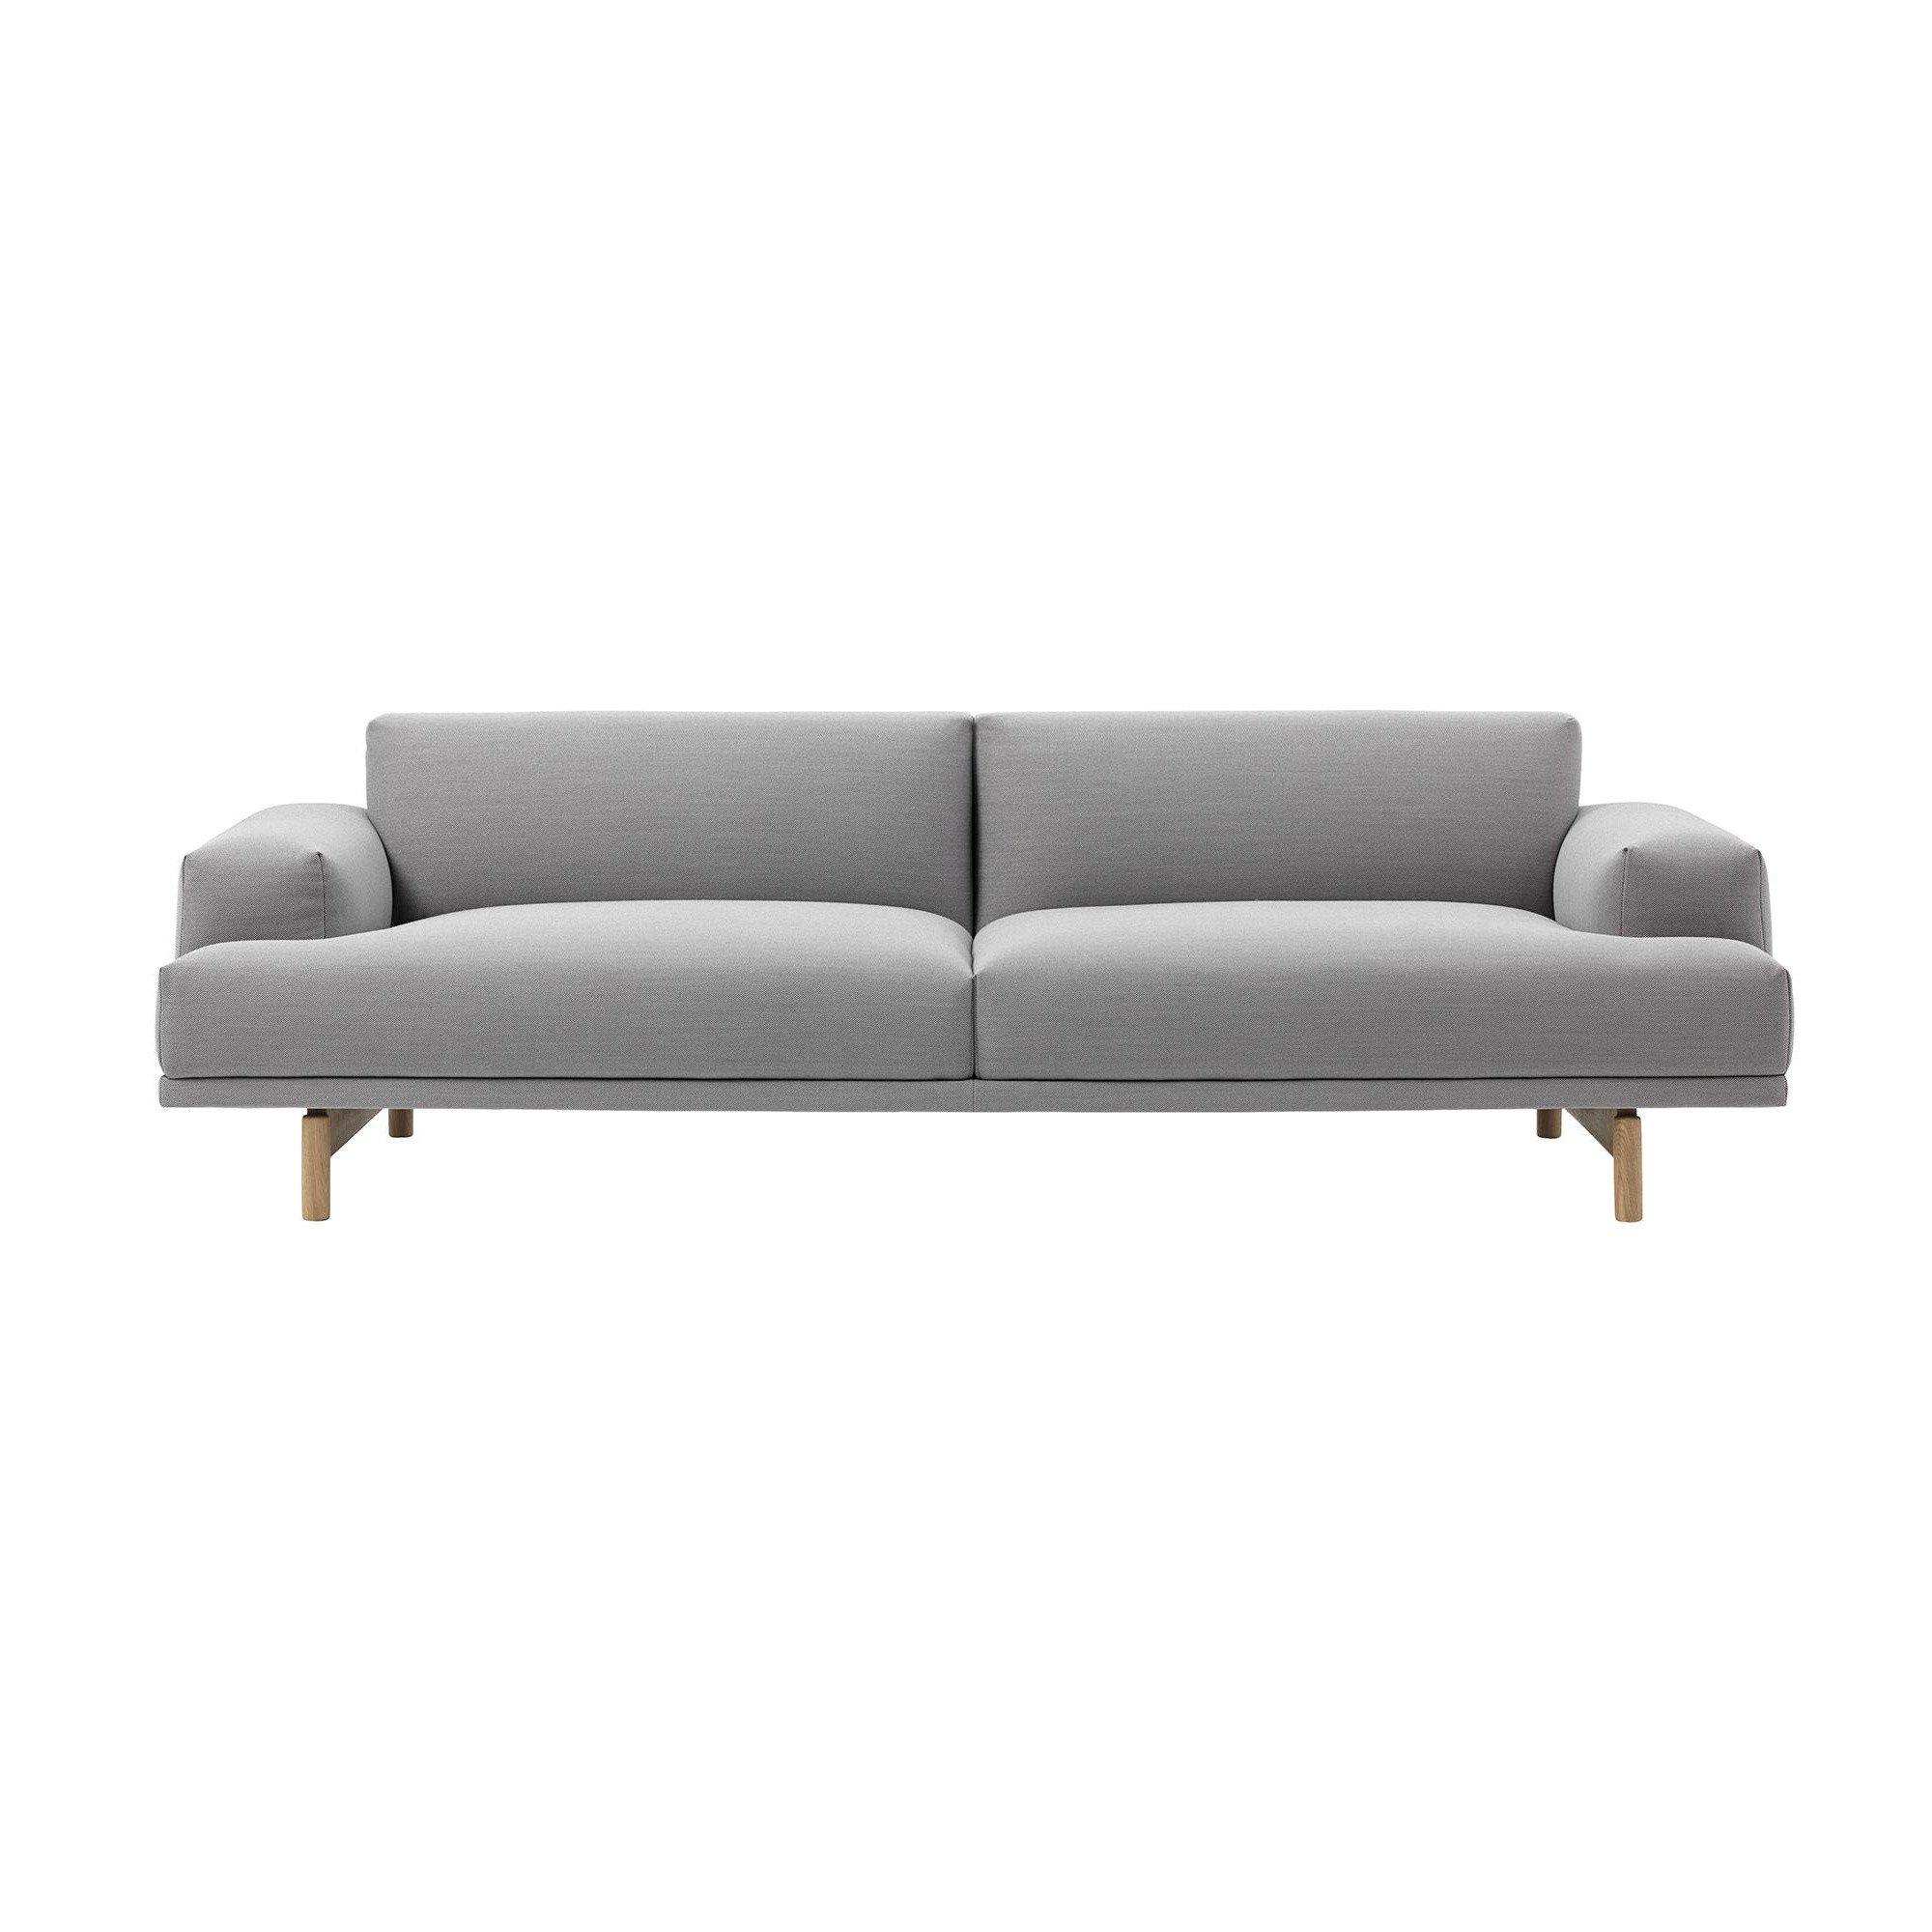 Muuto pose 3 Sitzer Sofa Muuto